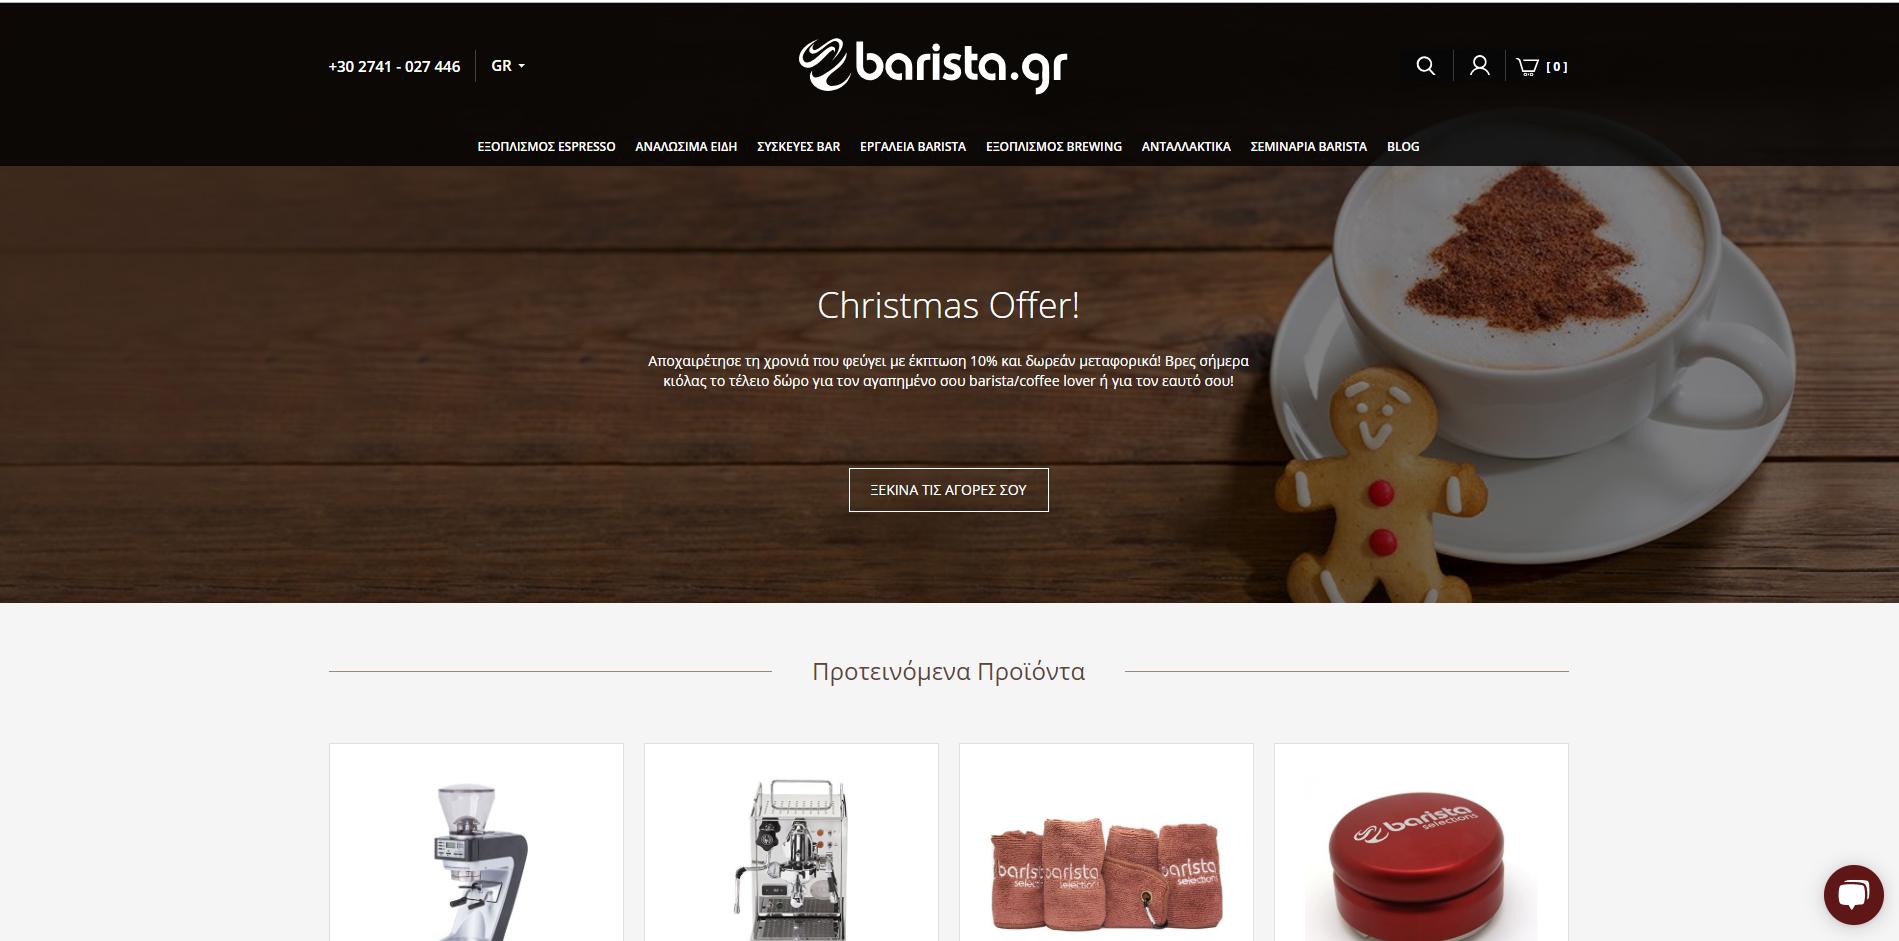 Παράδειγμα ειδικής προσφοράς barista.gr eshop